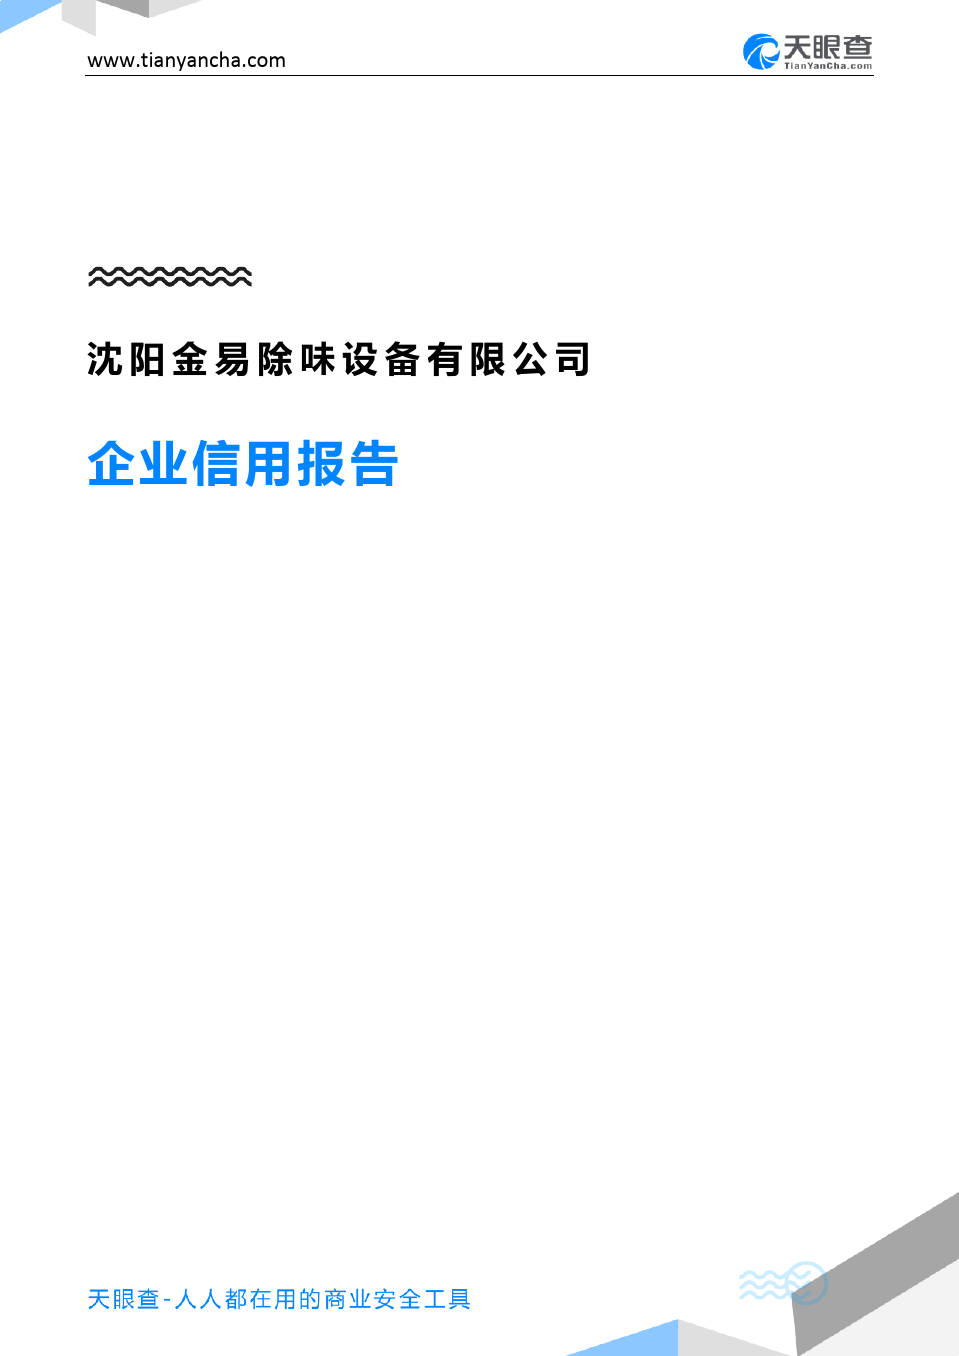 沈阳金易除味设备有限公司(企业信用报告)- 天眼查